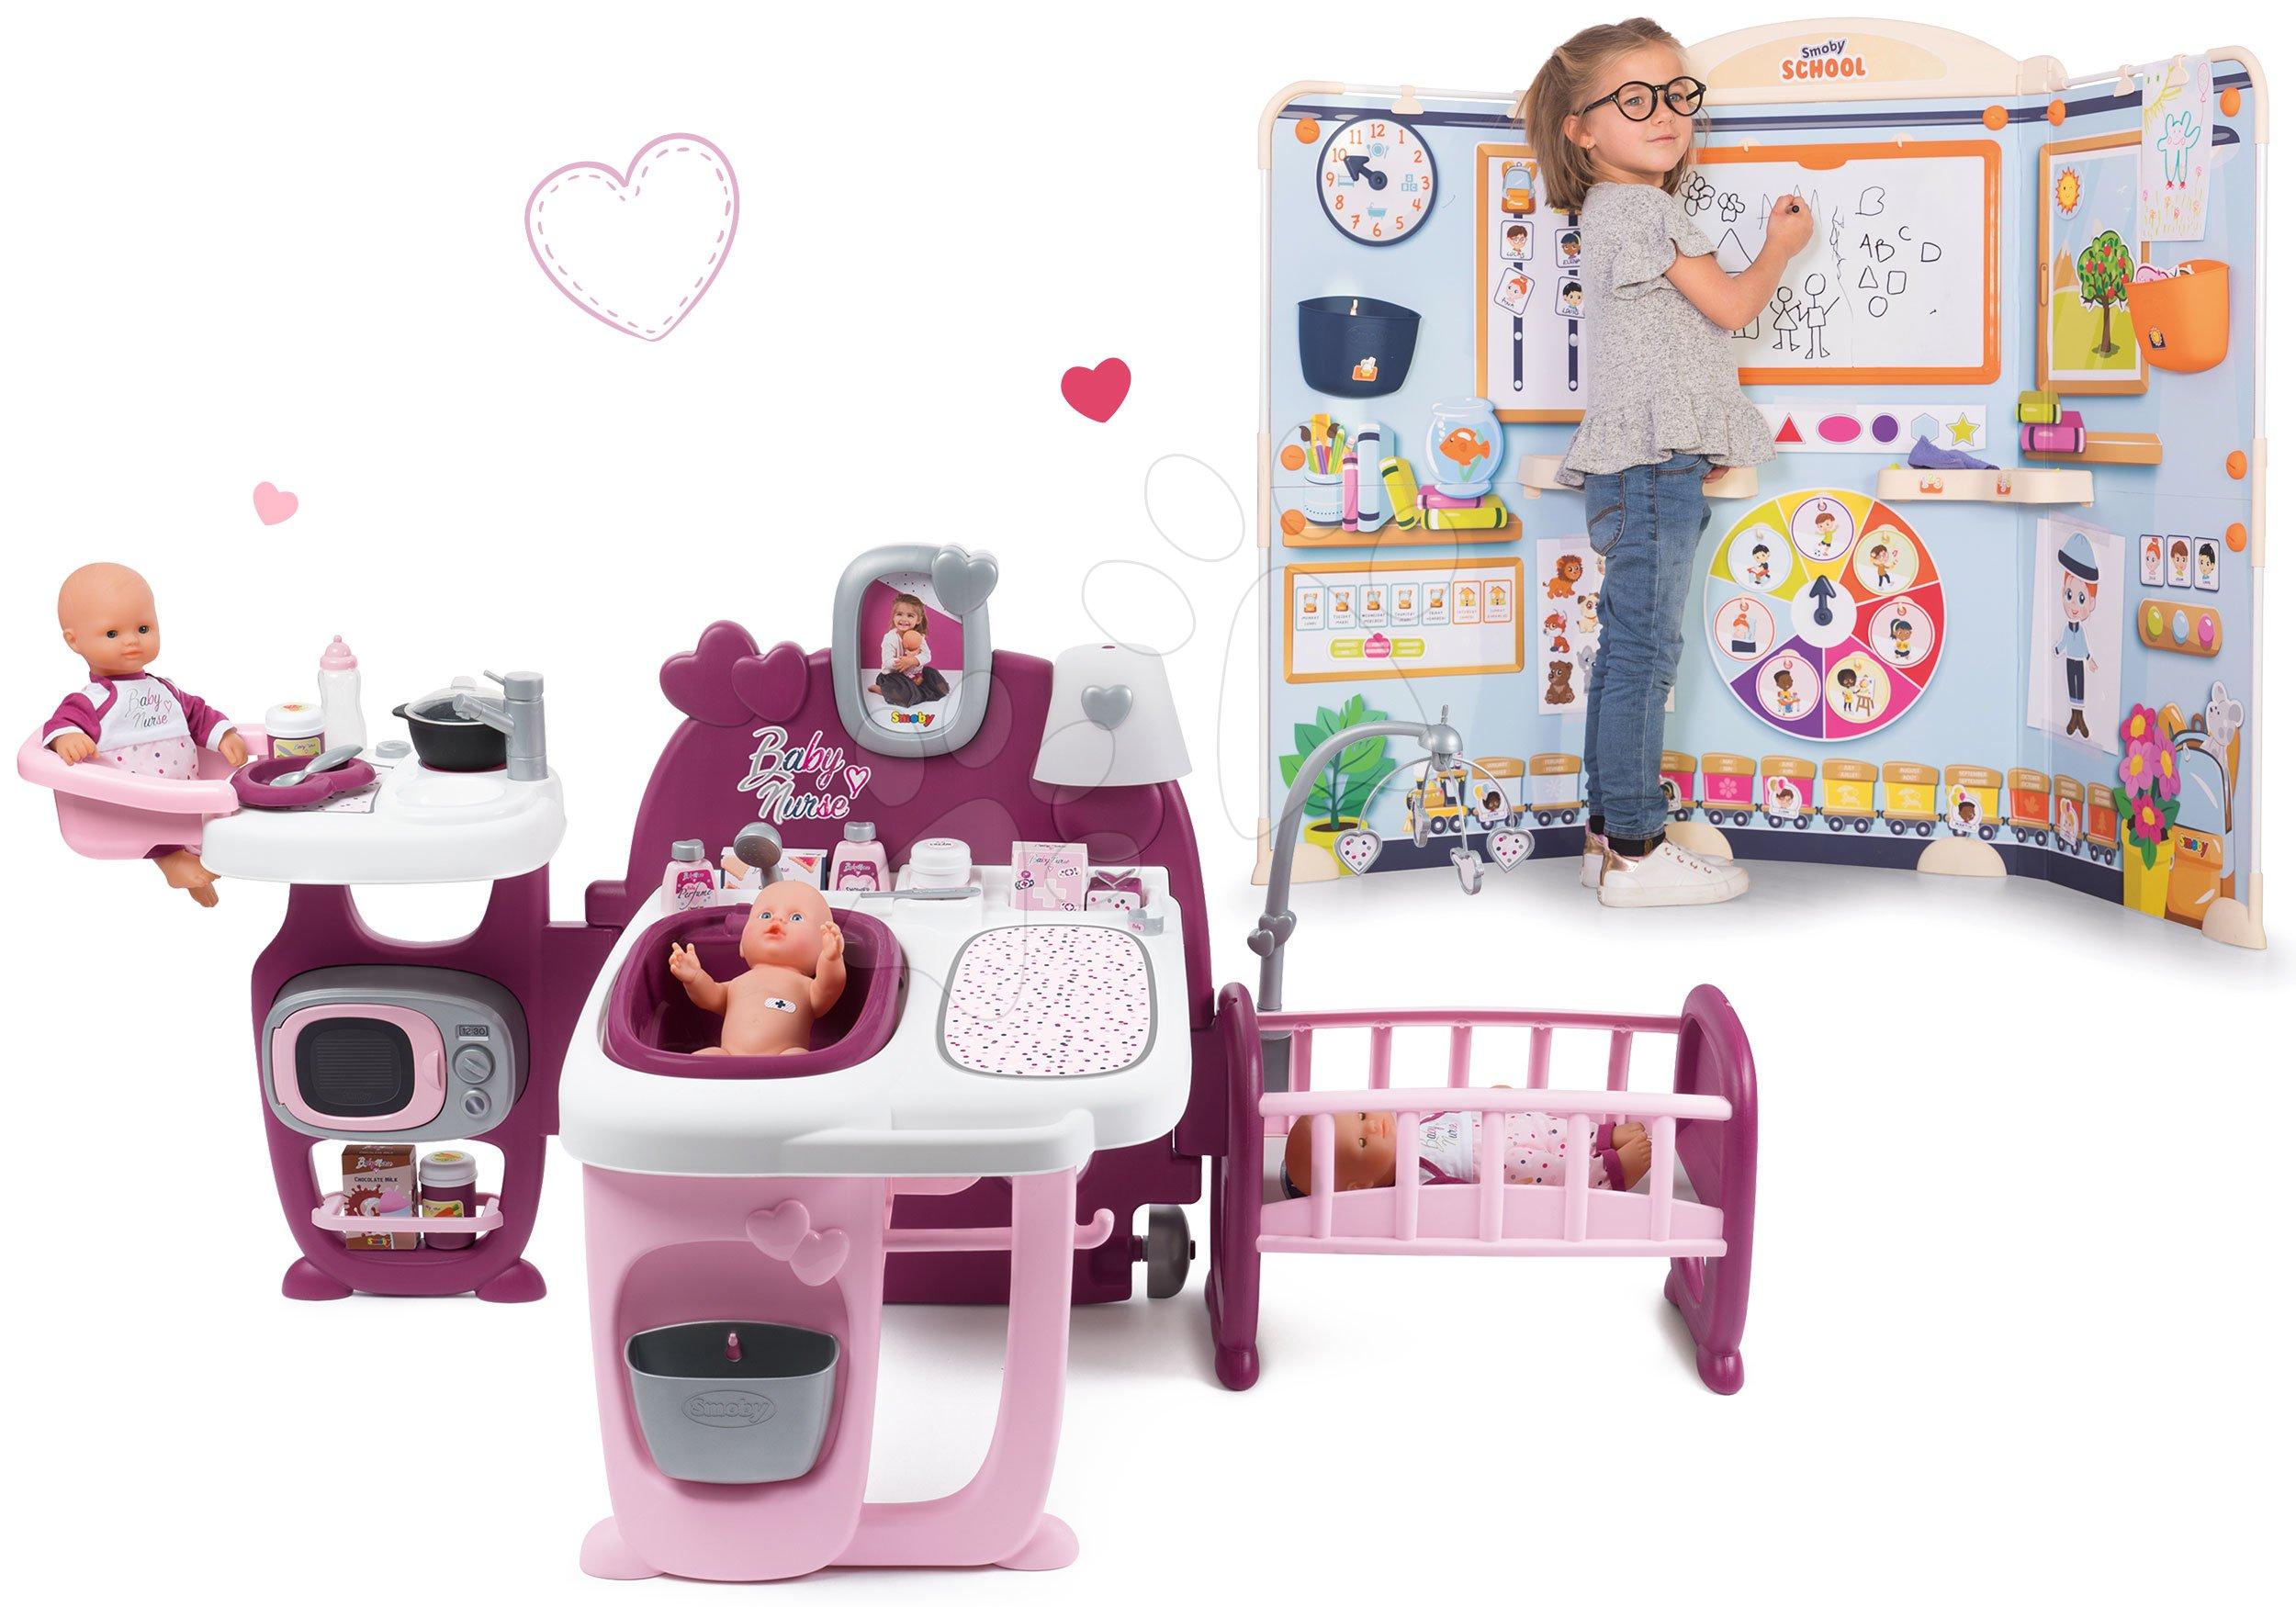 Set domček pre bábiku Violette Baby Nurse Large Doll's Play Center Smoby a škola pre škôlkárov Hra na učiteľa a žiaka SM220349-34